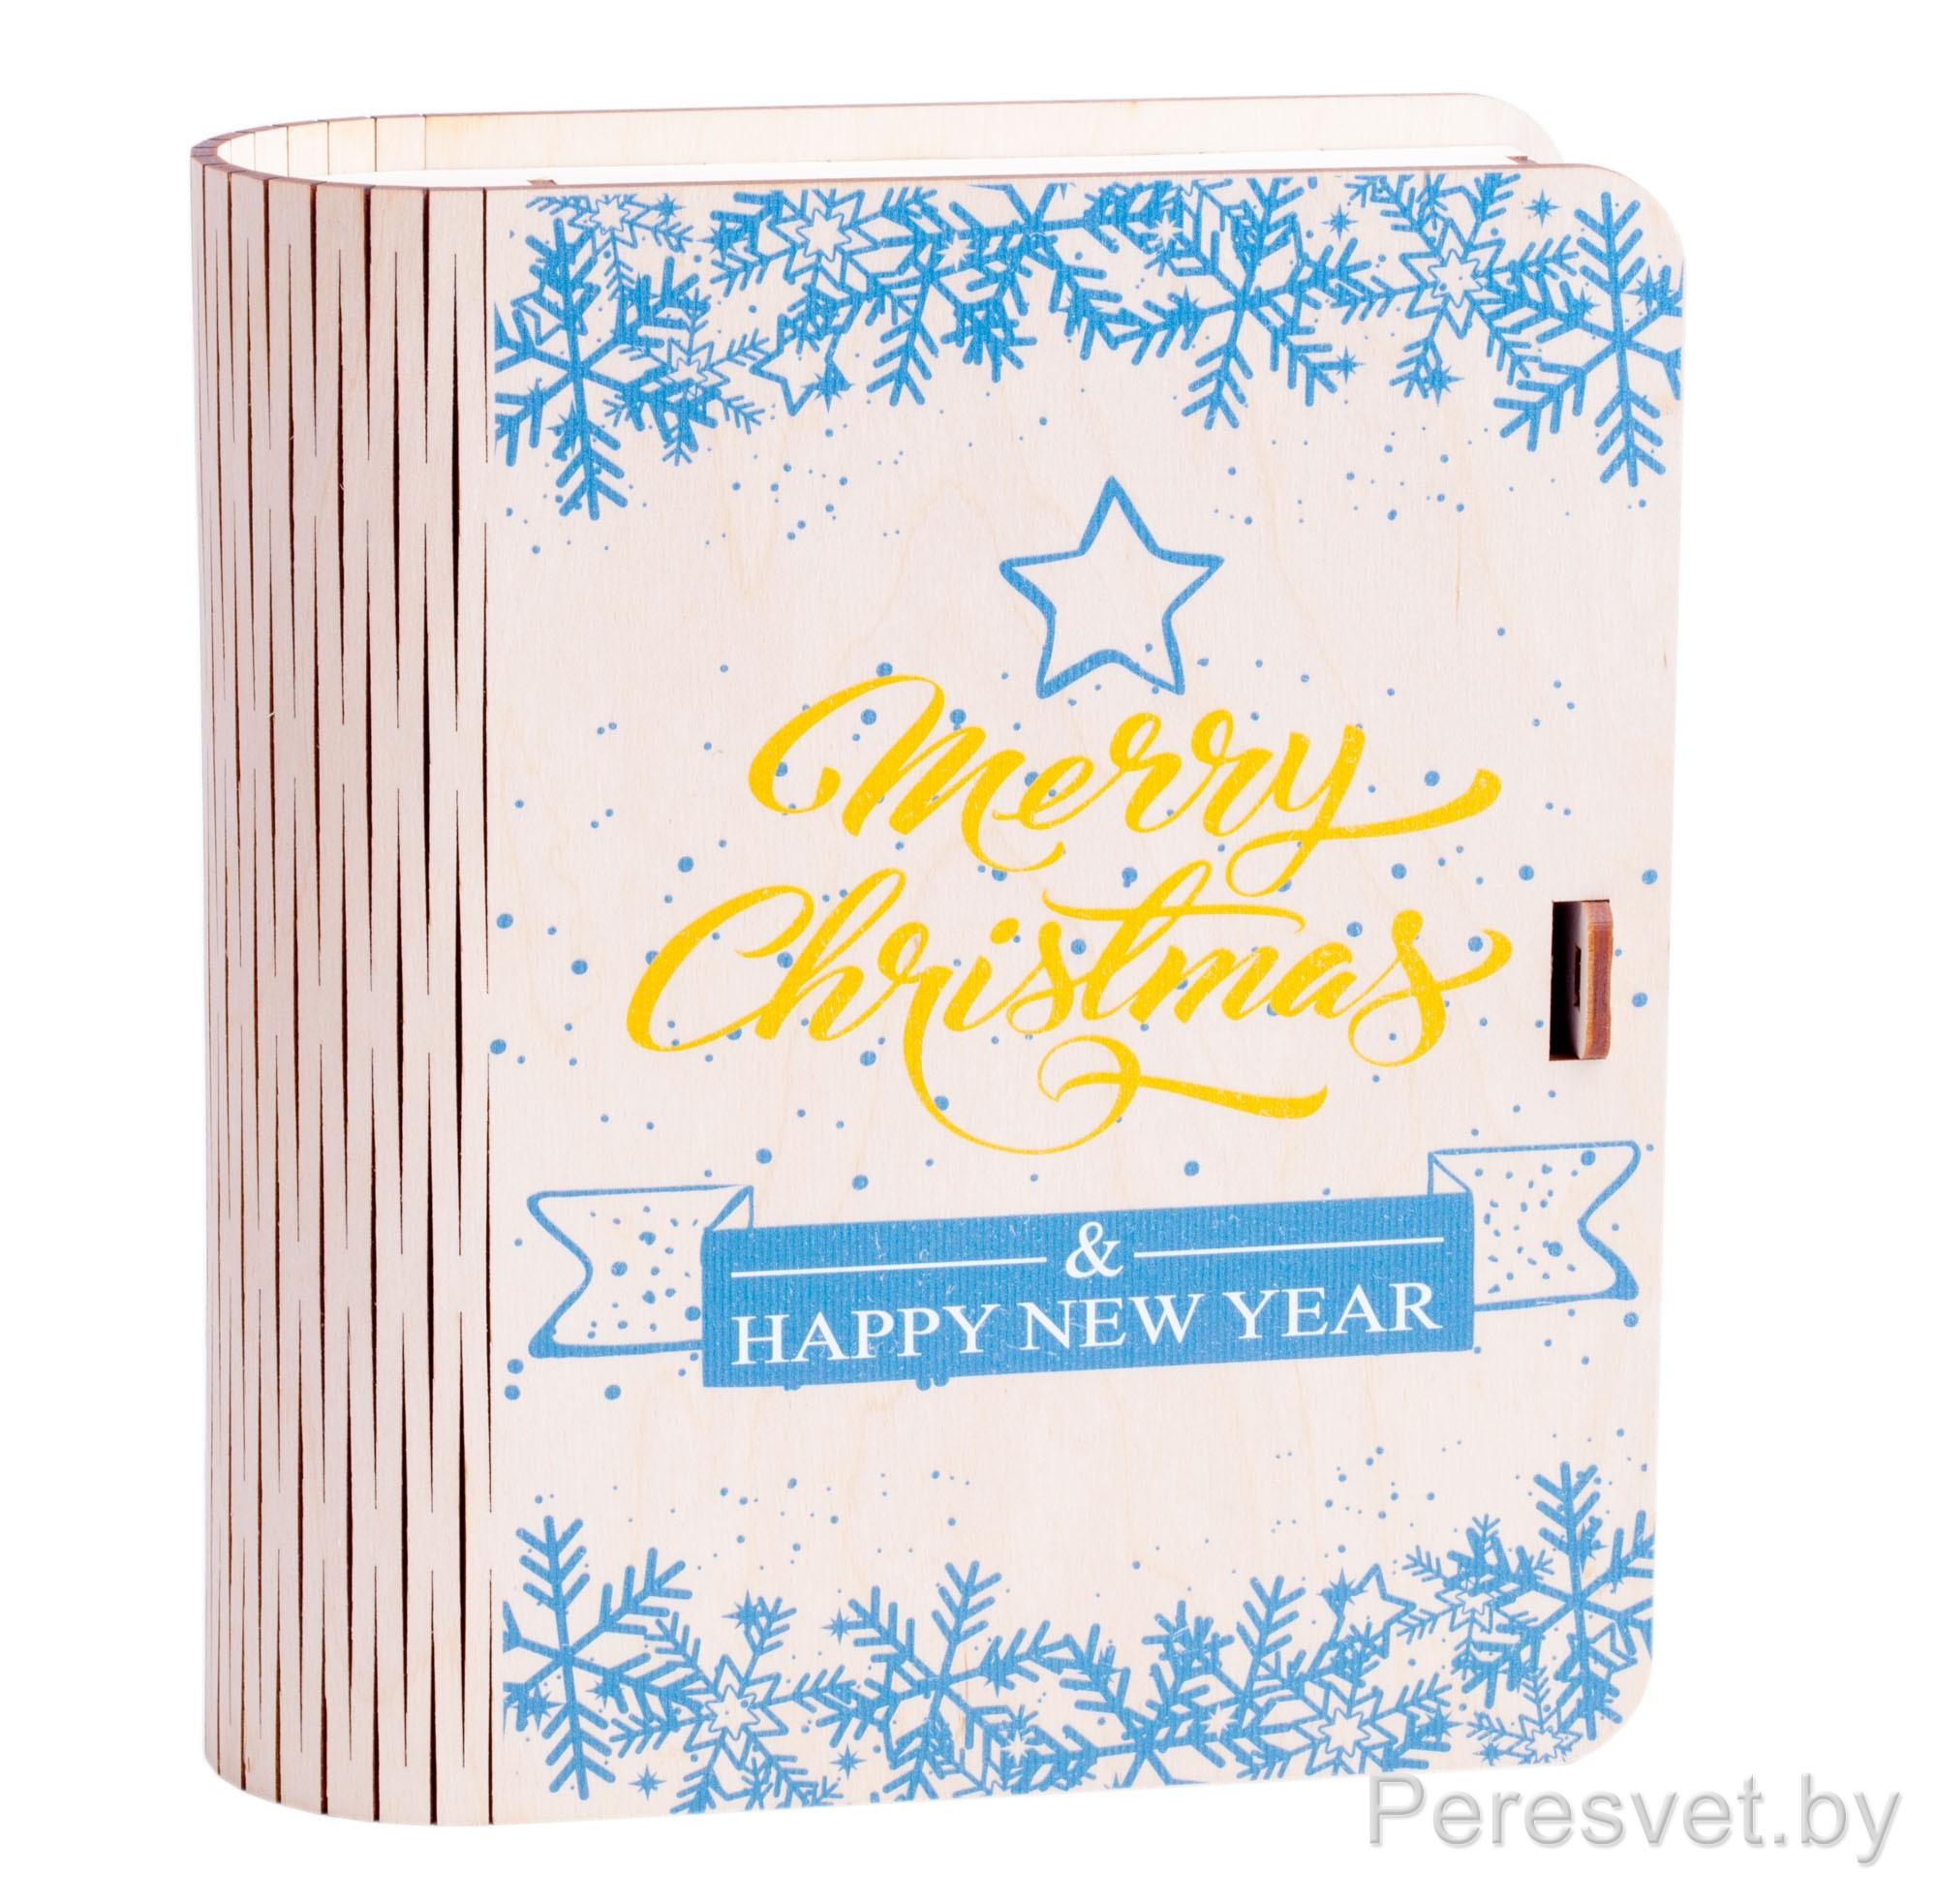 Новогодняя деревянная упаковка Merry Christmas для конфет на peresvet.by